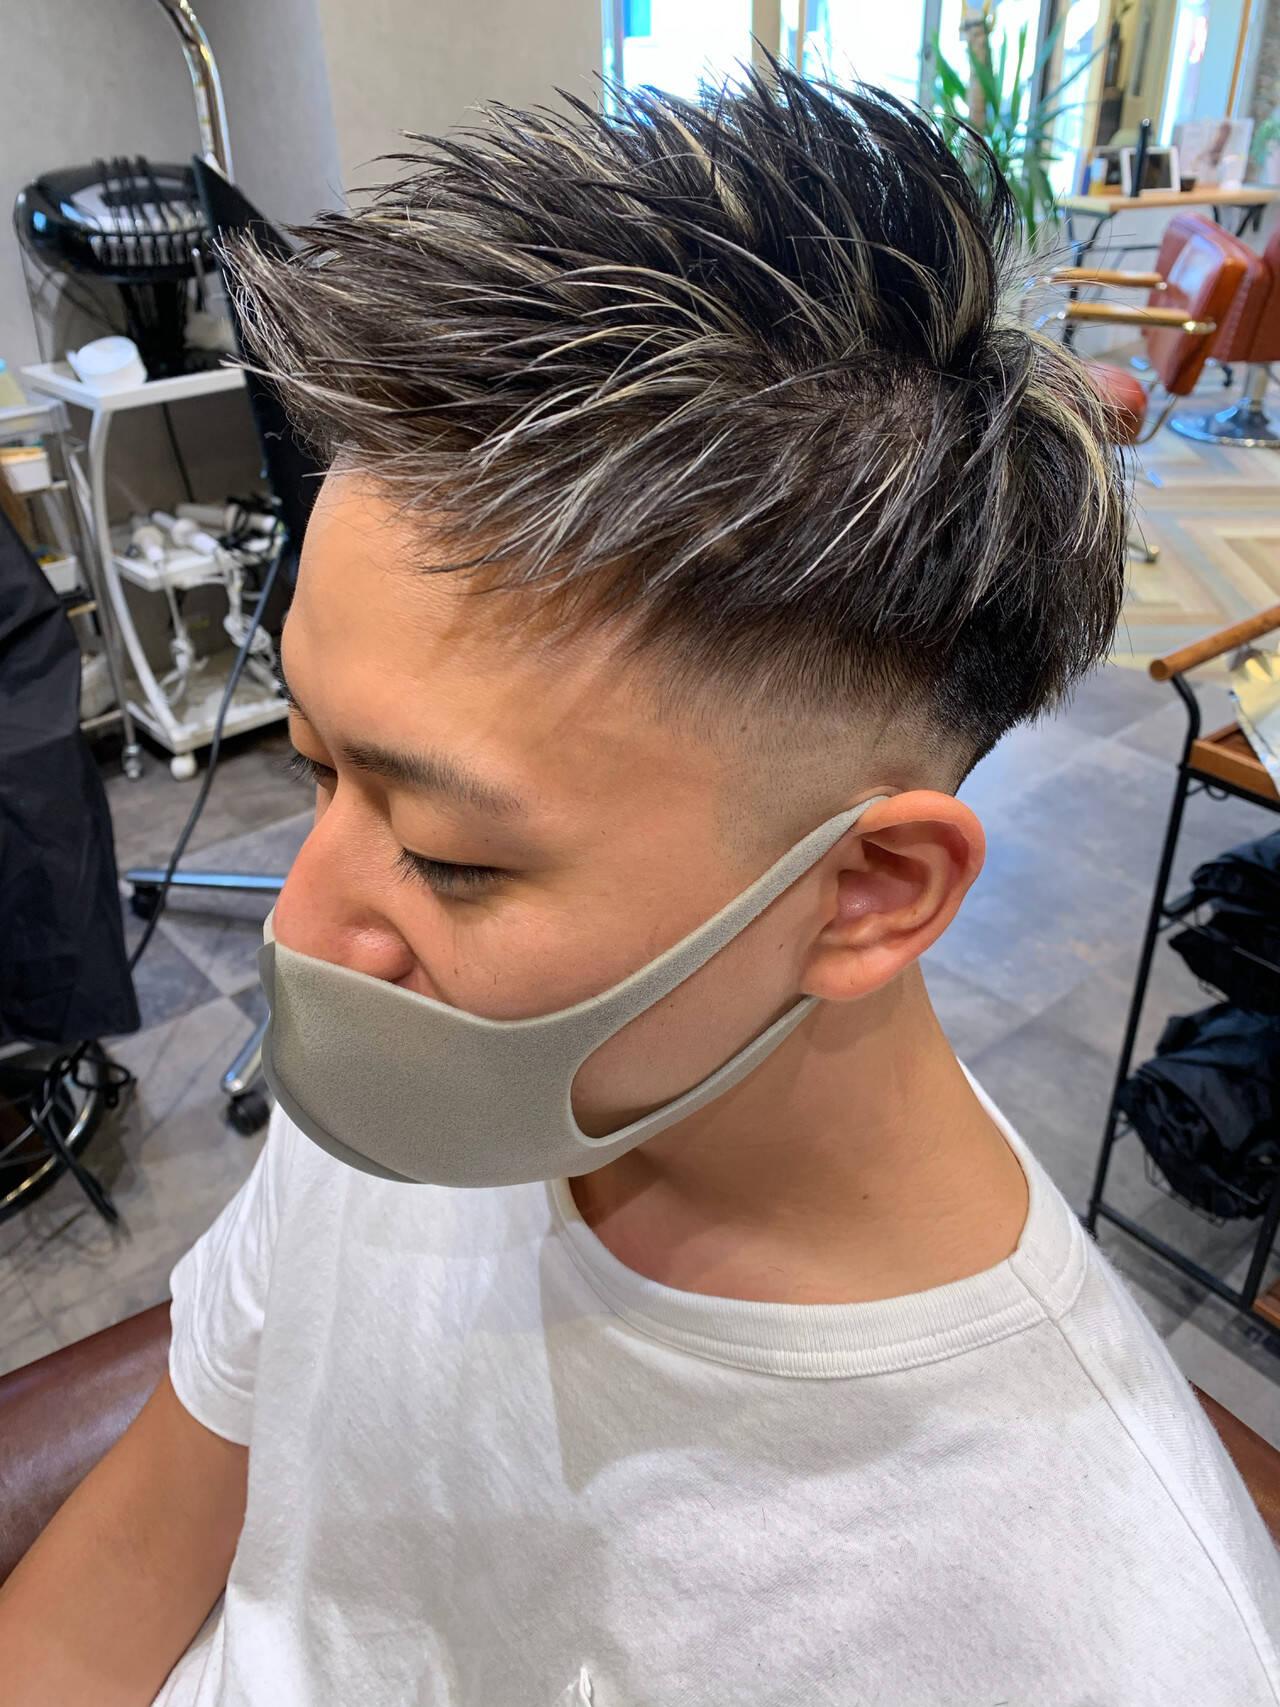 フェードカット スキンフェード ショート ストリートヘアスタイルや髪型の写真・画像